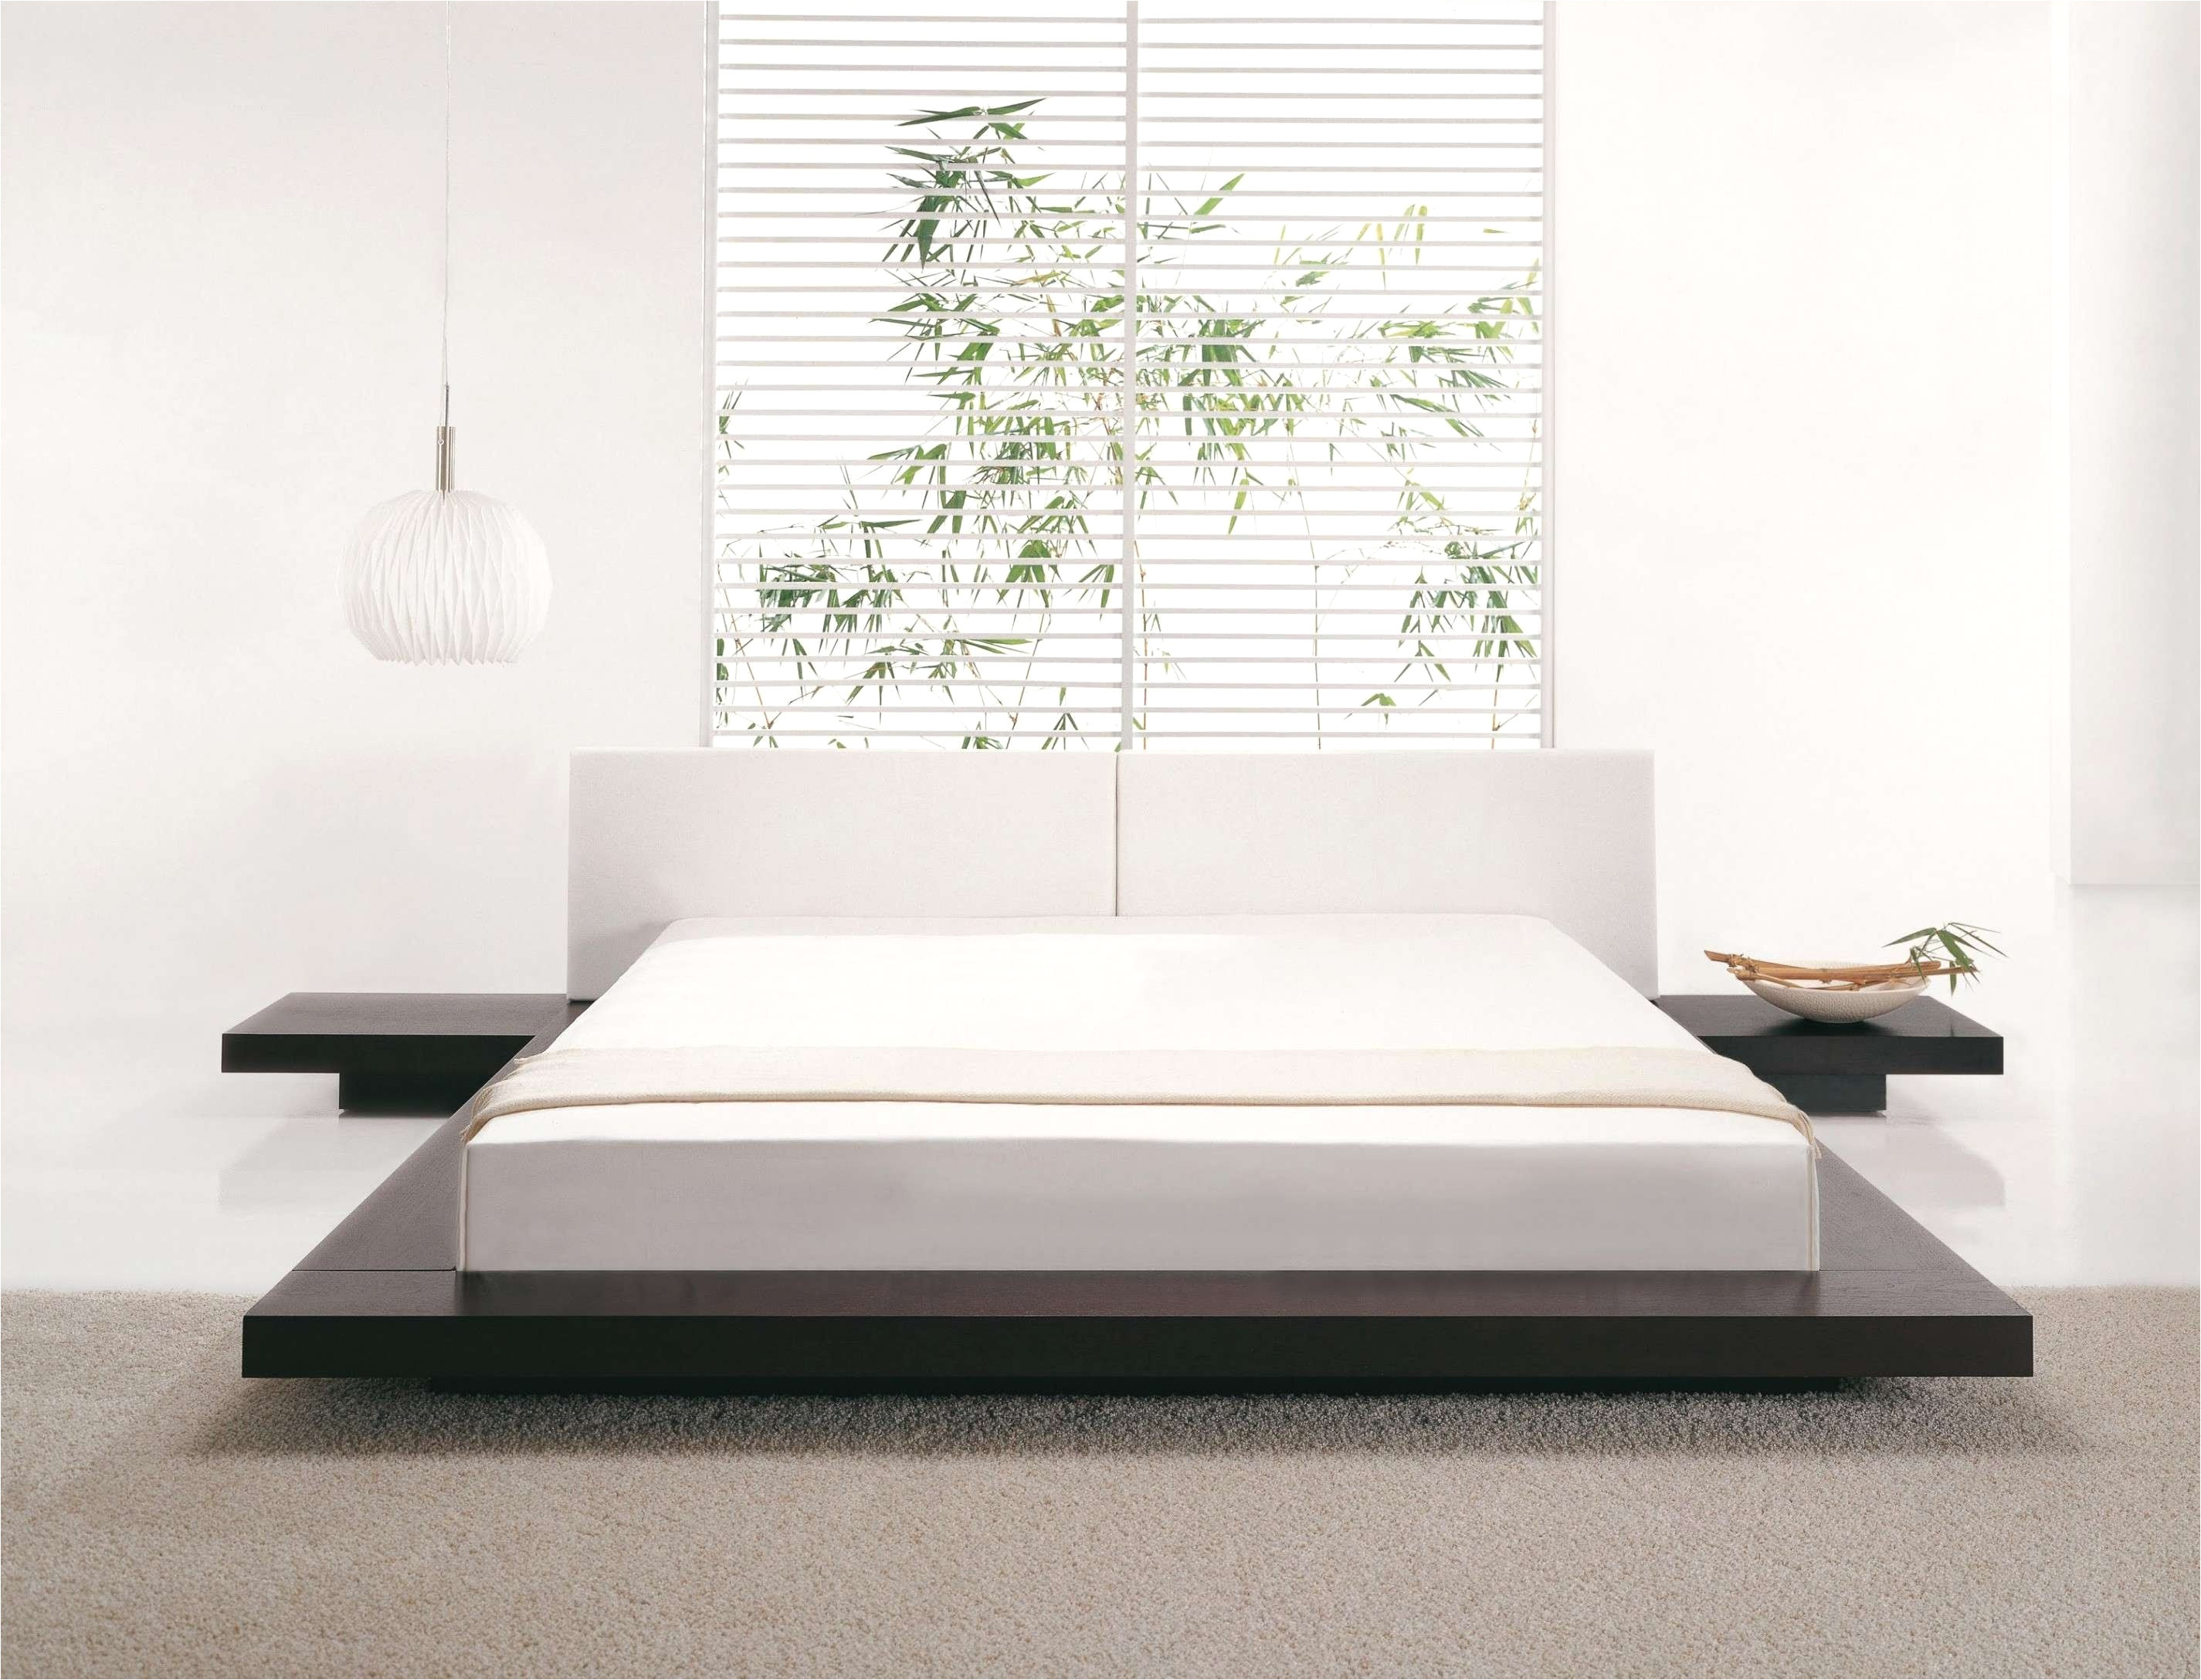 mobel de betten luxus ikea malm bett schon japanisches bett 0d das konzept von luxus bett